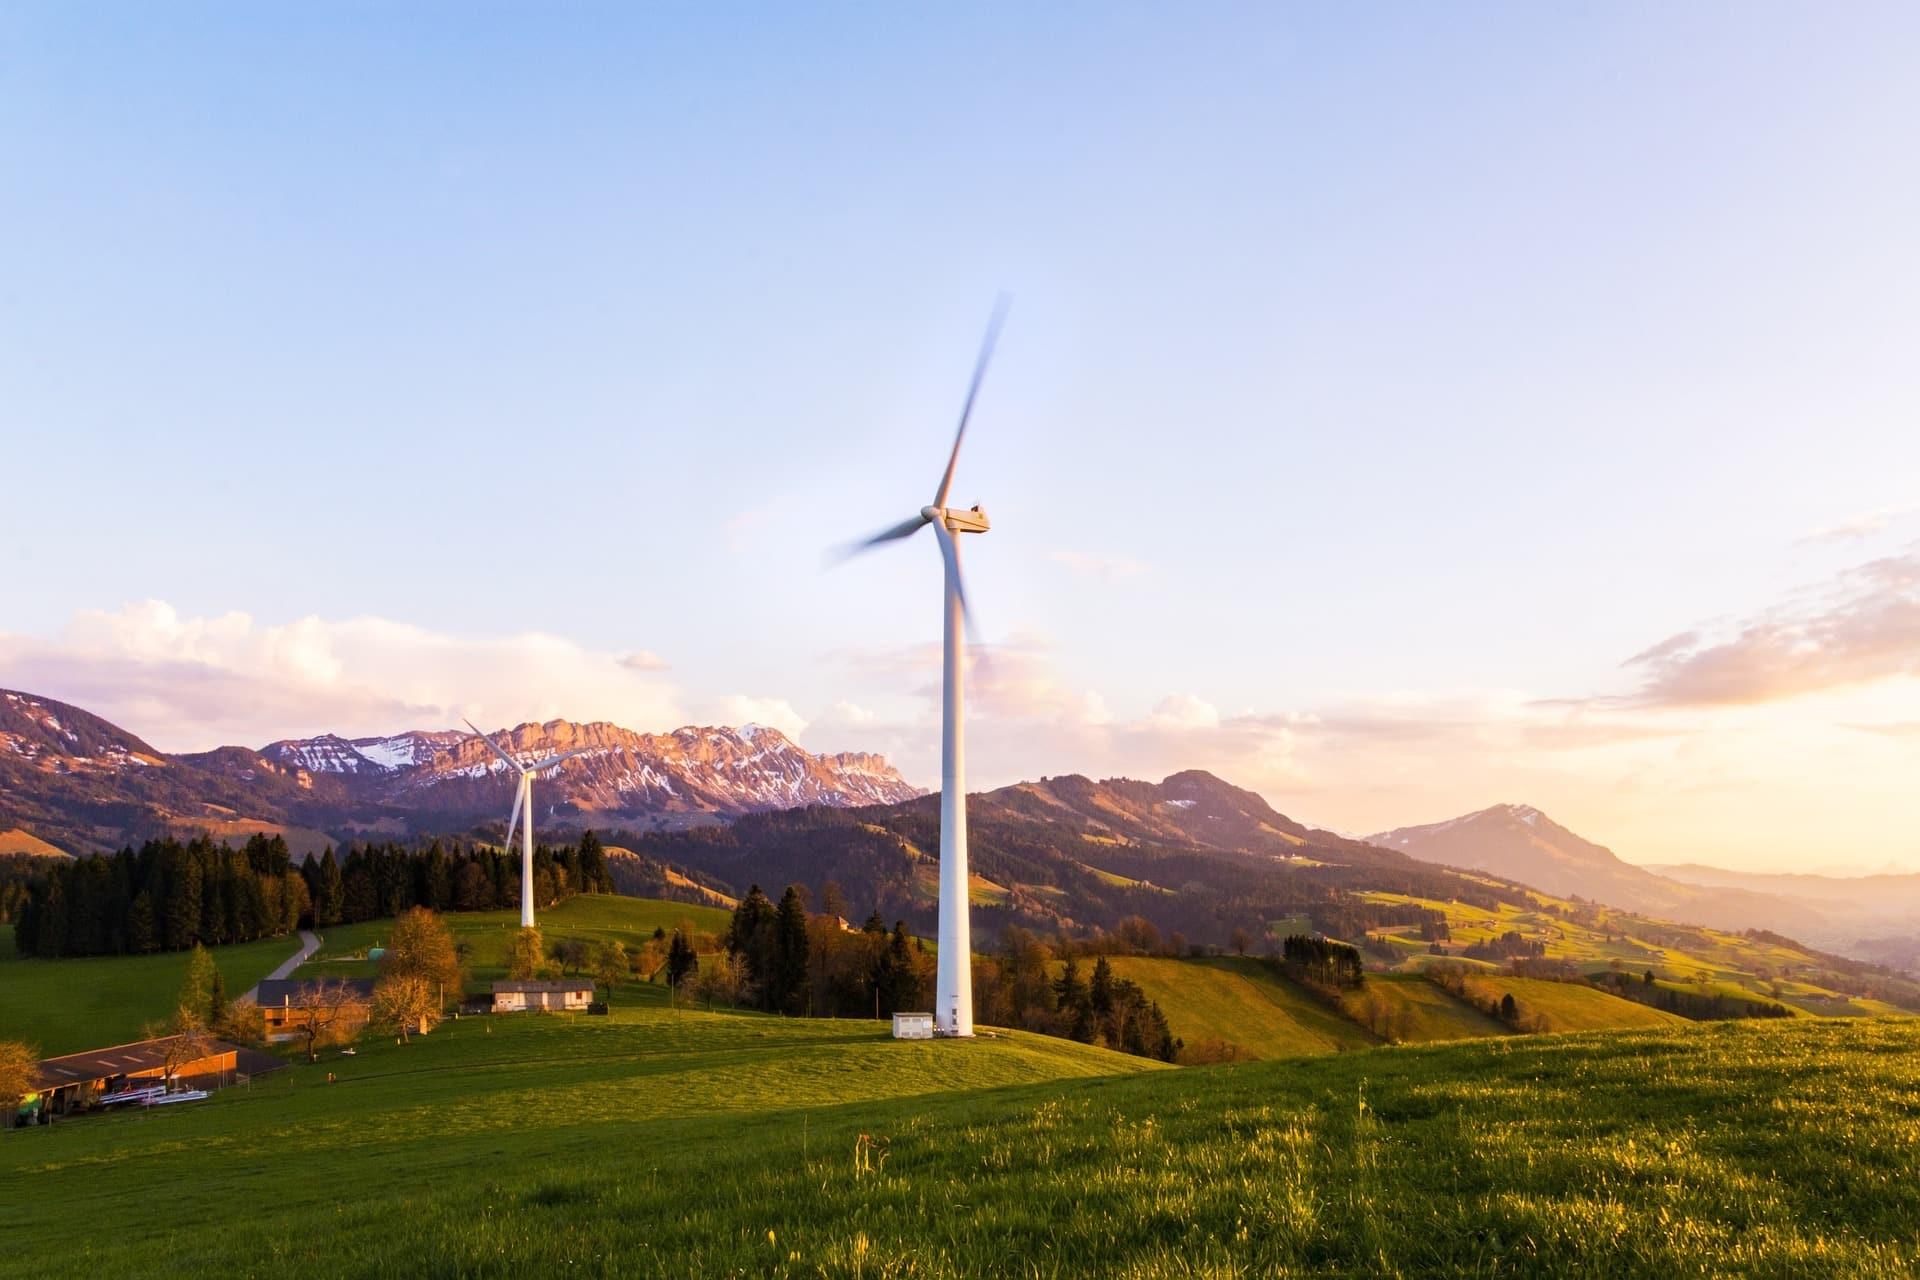 Choisir entre éolienne horizontale et verticale (avantages et inconvénients) :